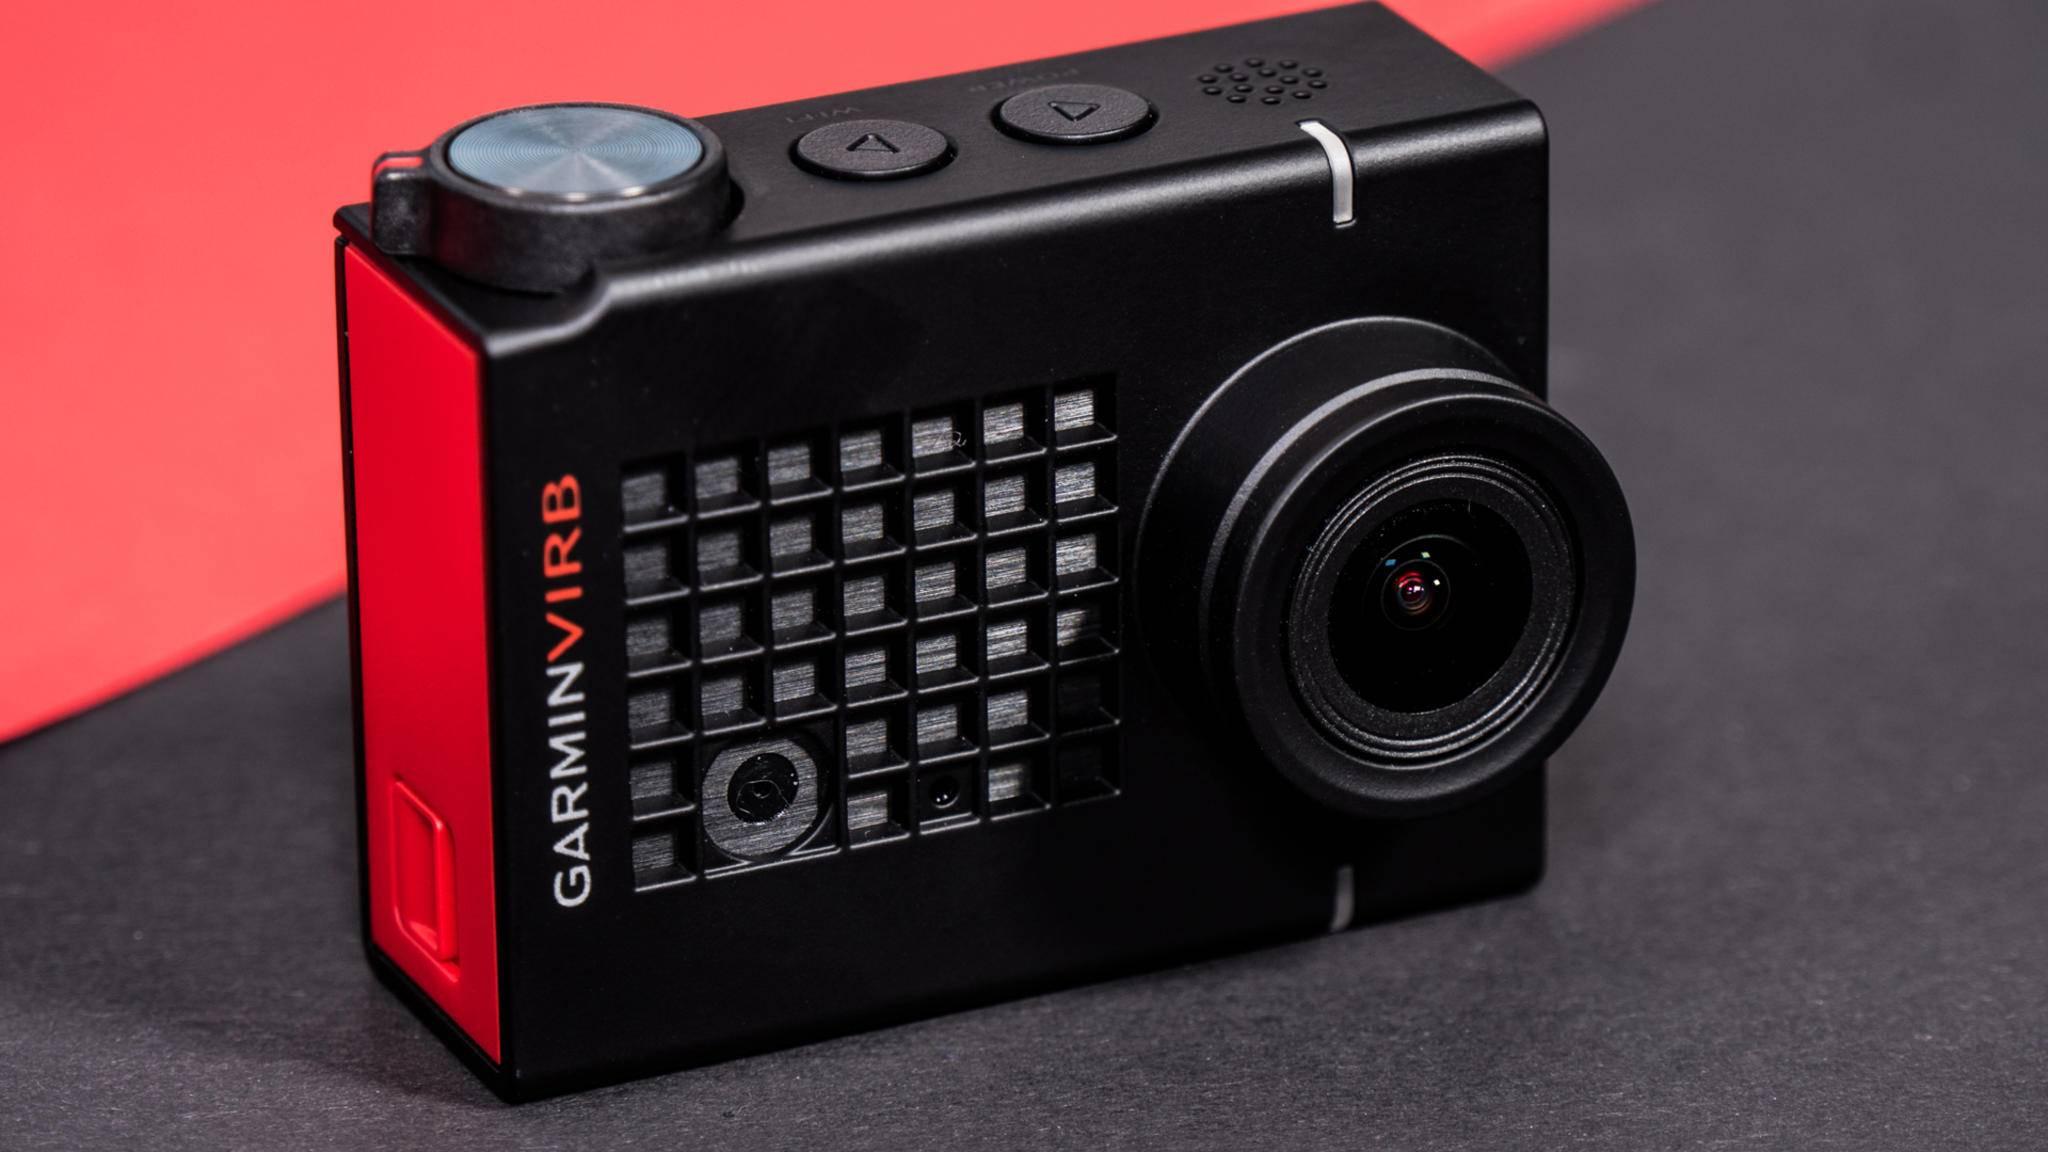 Die Garmin VIRB Ultra bot einige Features der Hero 5 schon vor dem Release des GoPro-Modells.